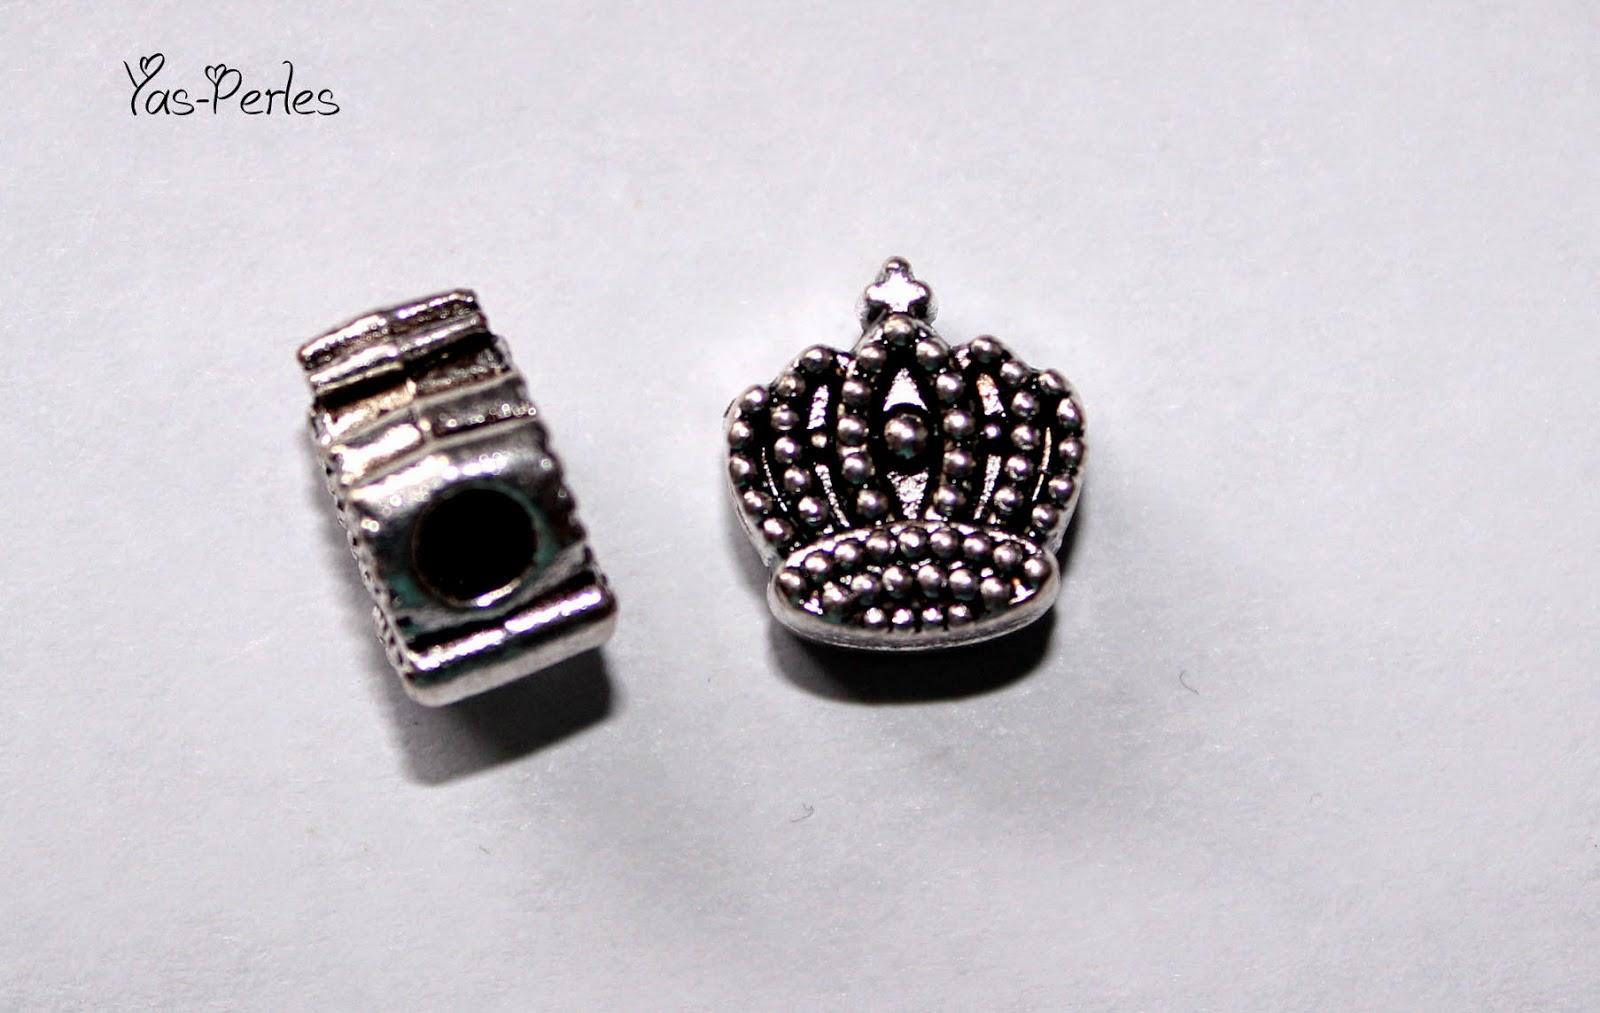 http://www.alittlemercerie.com/perles-en-metal/fr_perle_couronne_couleur_argente_gros_trou_x2_-3161581.html